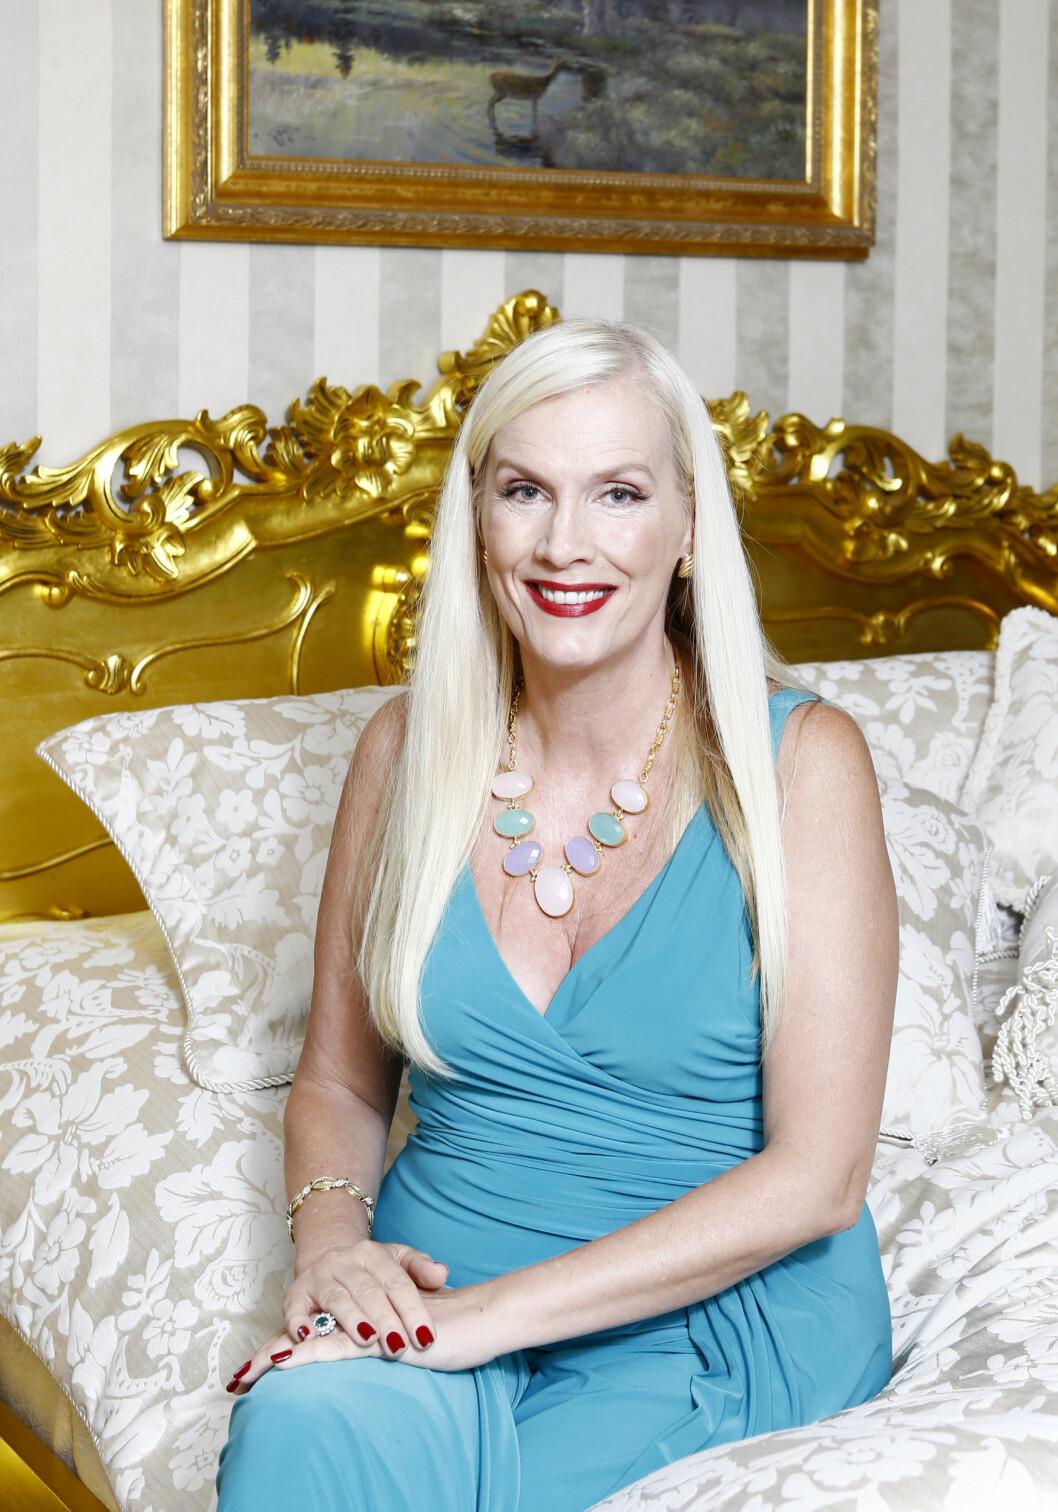 KONTROVERSIELL: Gunilla Persson har måttet tåle mye kritikk for sine utsagn i TV-serien «Svenske Hollywoodfruer» Foto: All Over Press Patrik ??sterberg/